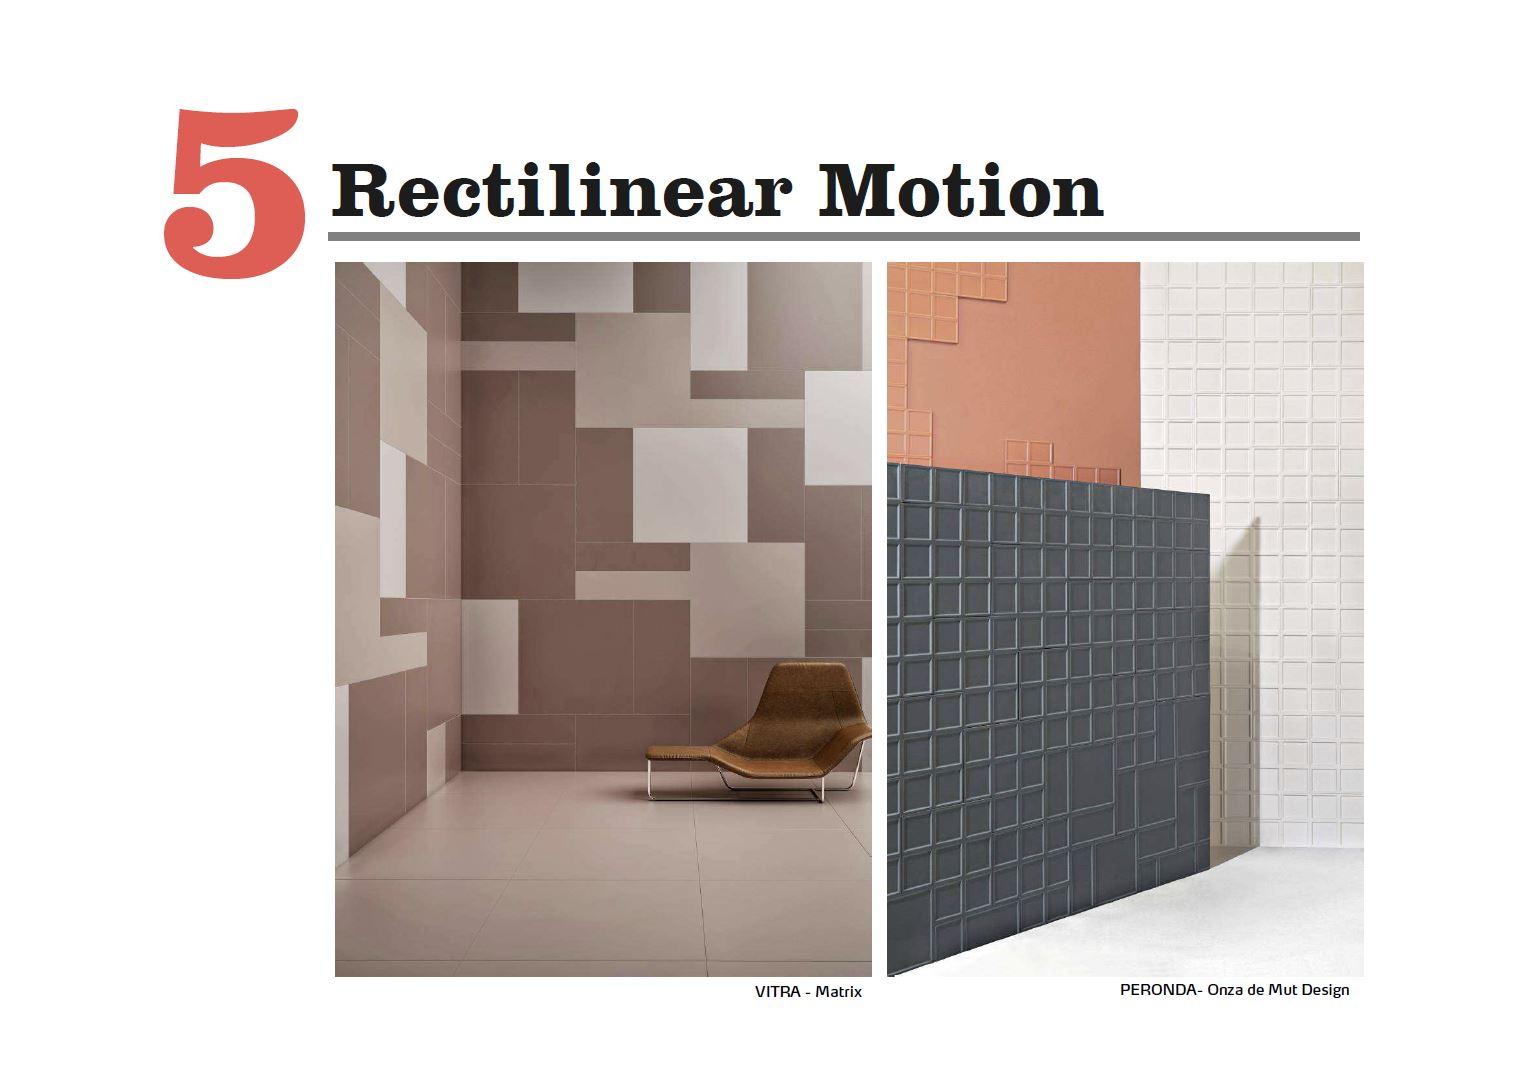 Rectilinear-Motion-tendencias-ceramicas-2016-oth-ceramica-a-mano-alzada